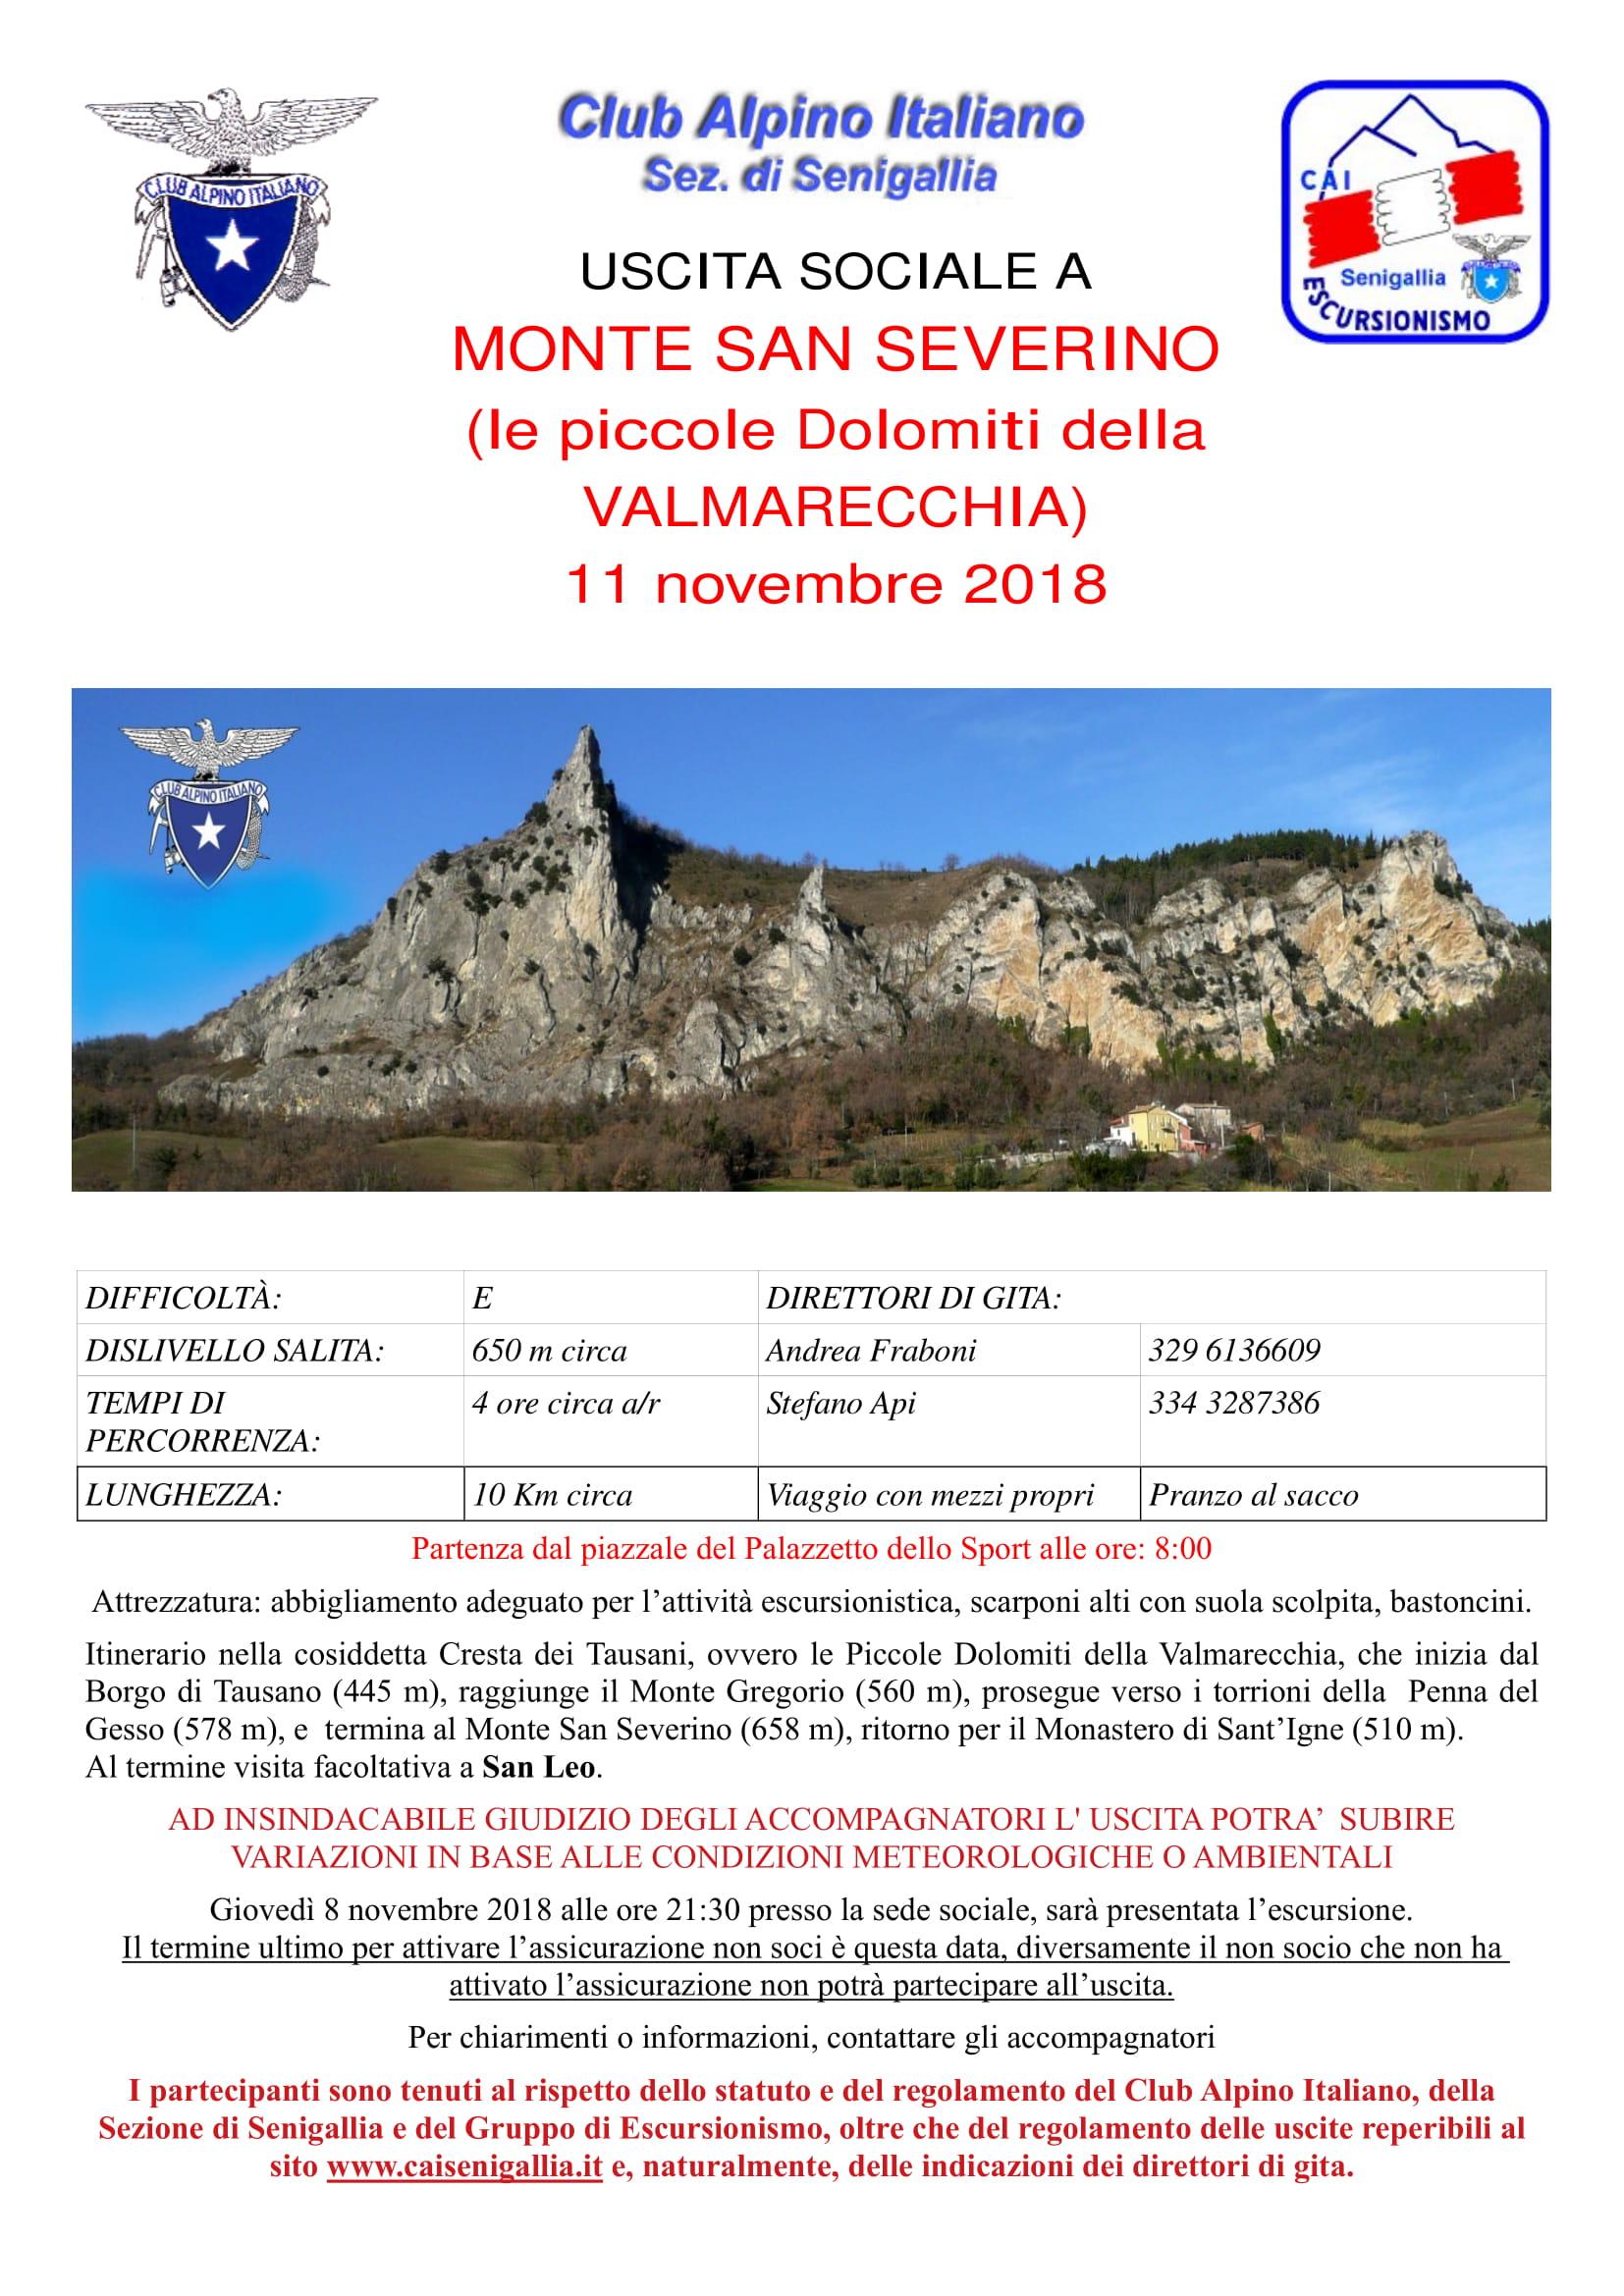 Monte San Severino